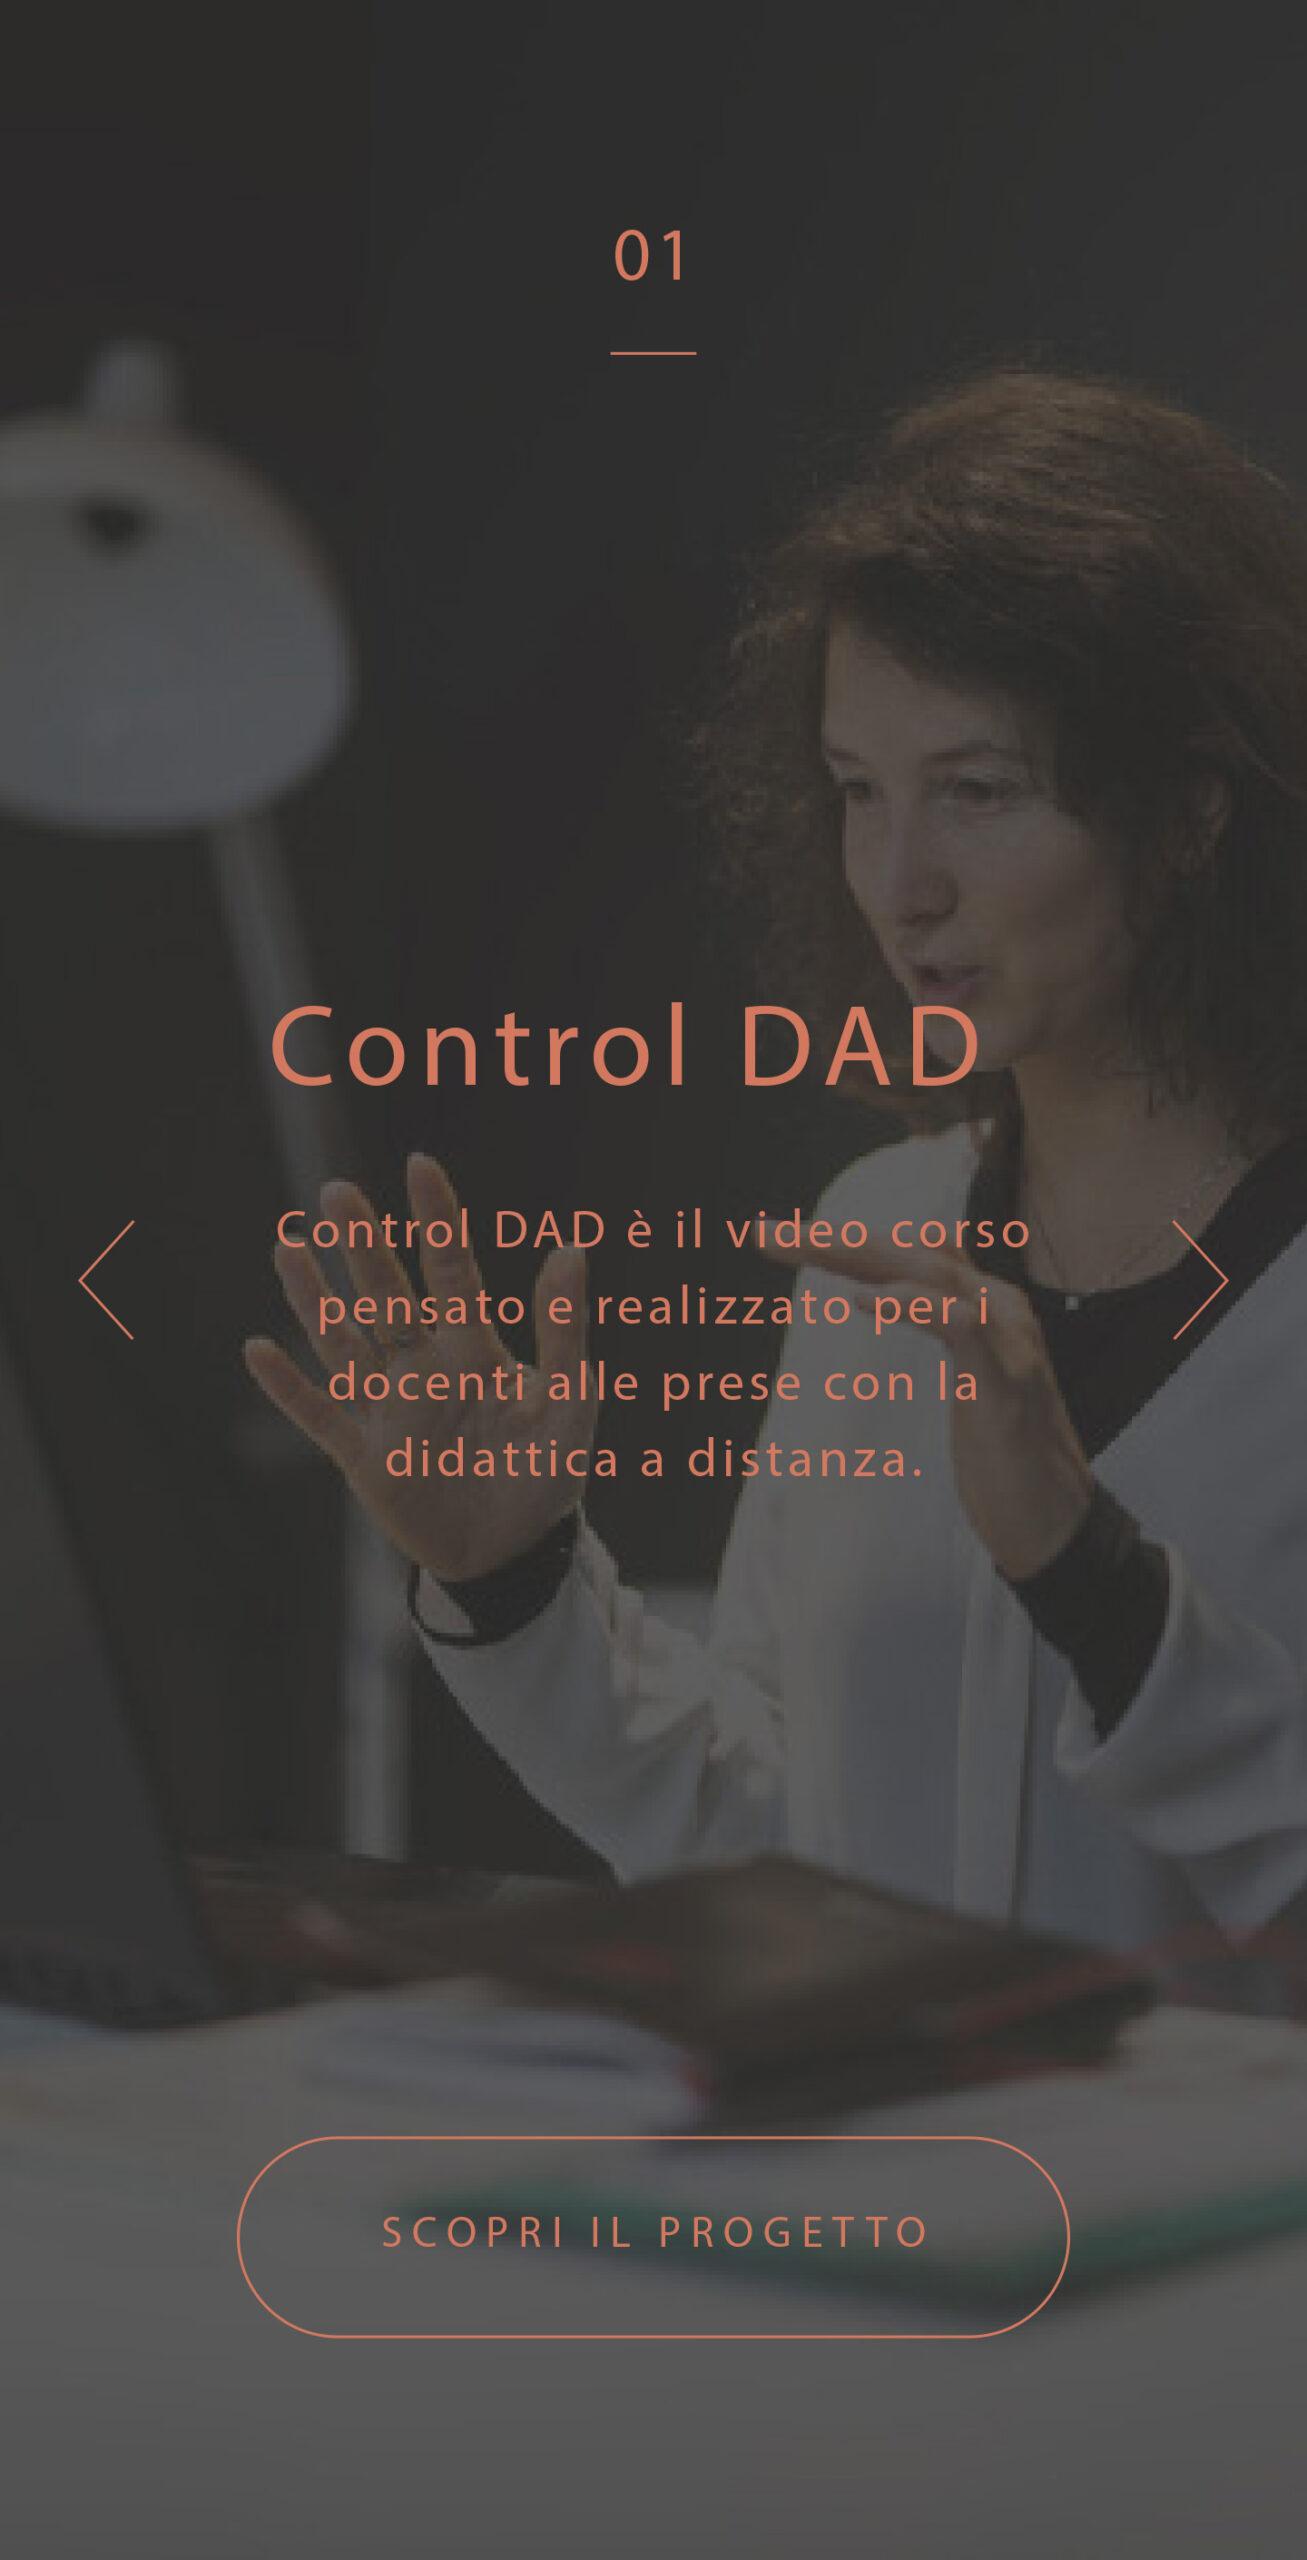 01-ControlDad